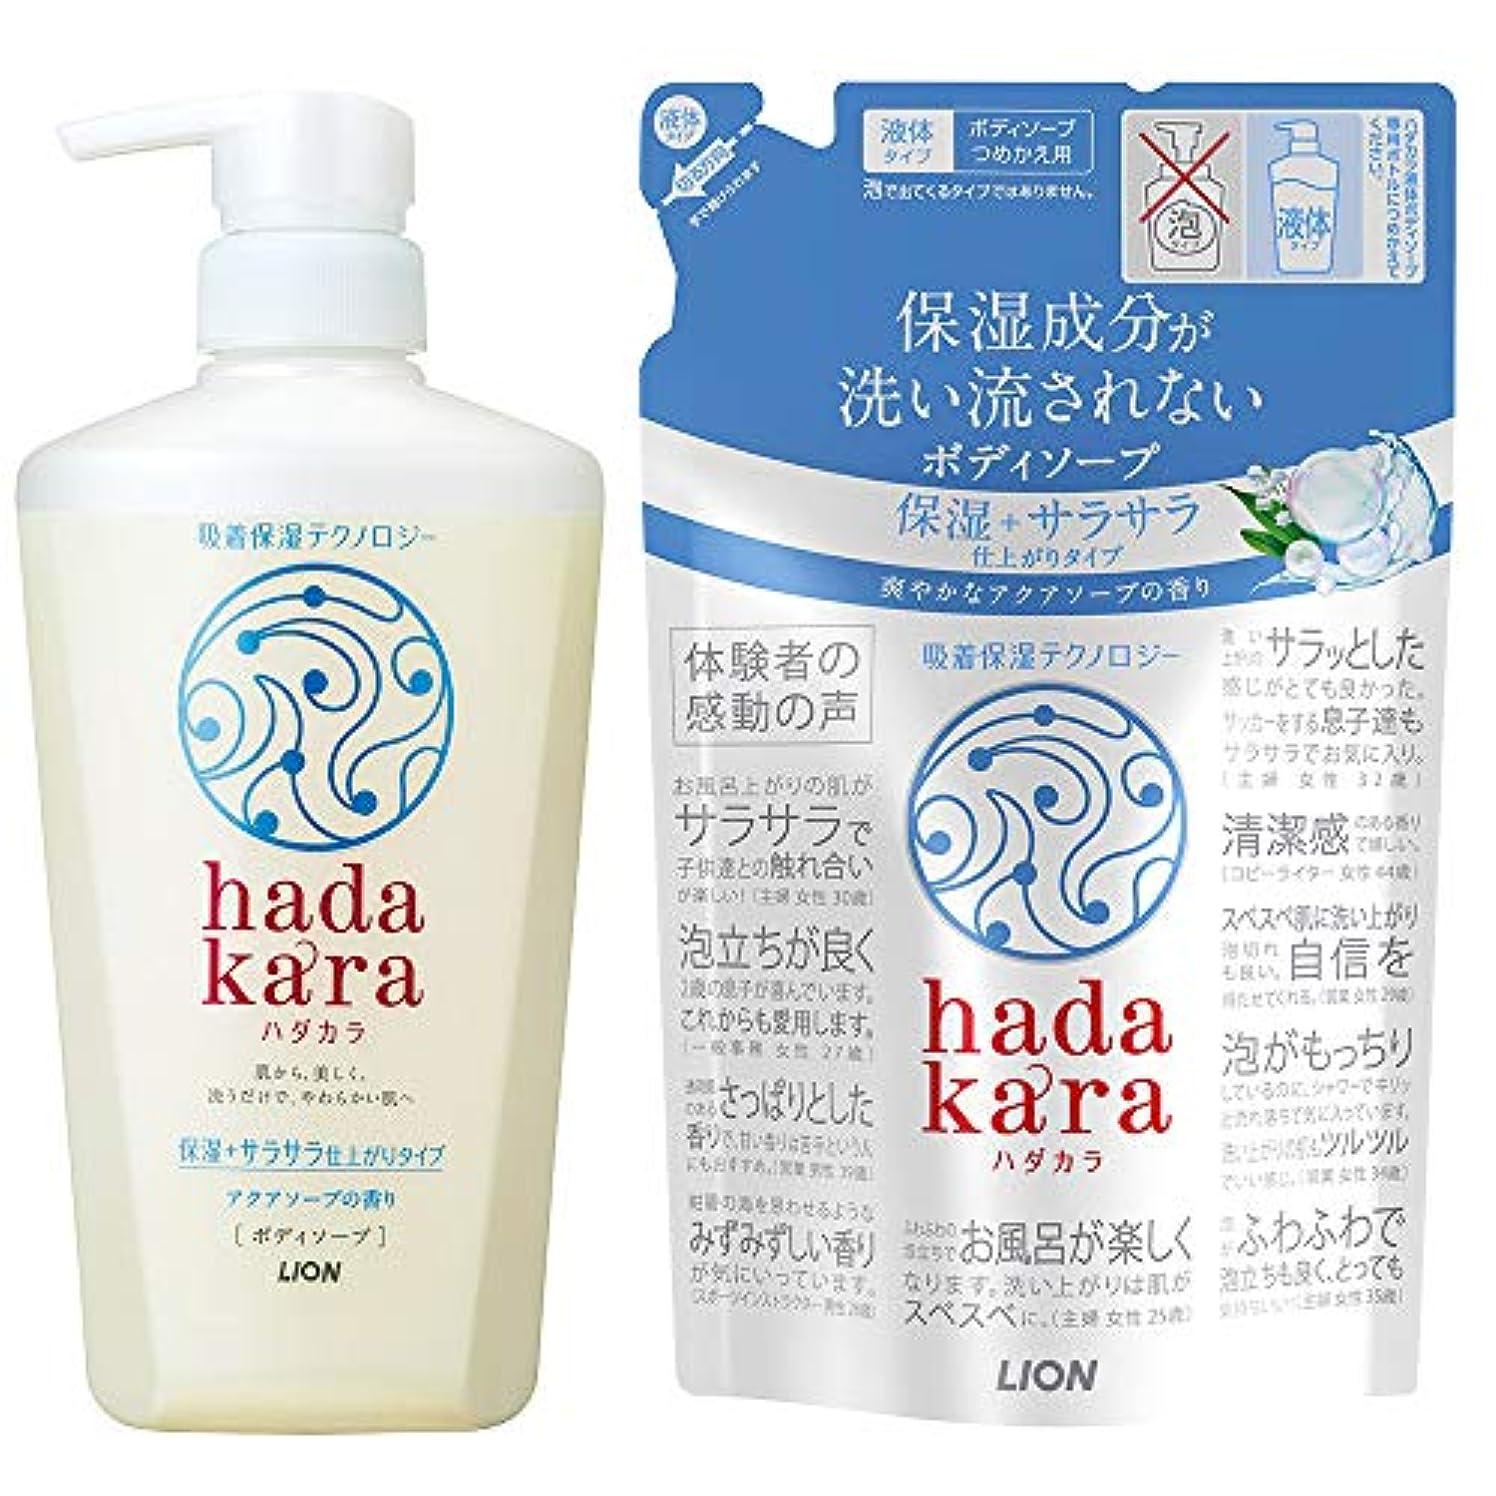 暴徒年齢必要hadakara(ハダカラ) ボディソープ 保湿+サラサラ仕上がりタイプ アクアソープの香り (本体480ml+つめかえ340ml) アクアソープ(保湿+サラサラ仕上がり) +